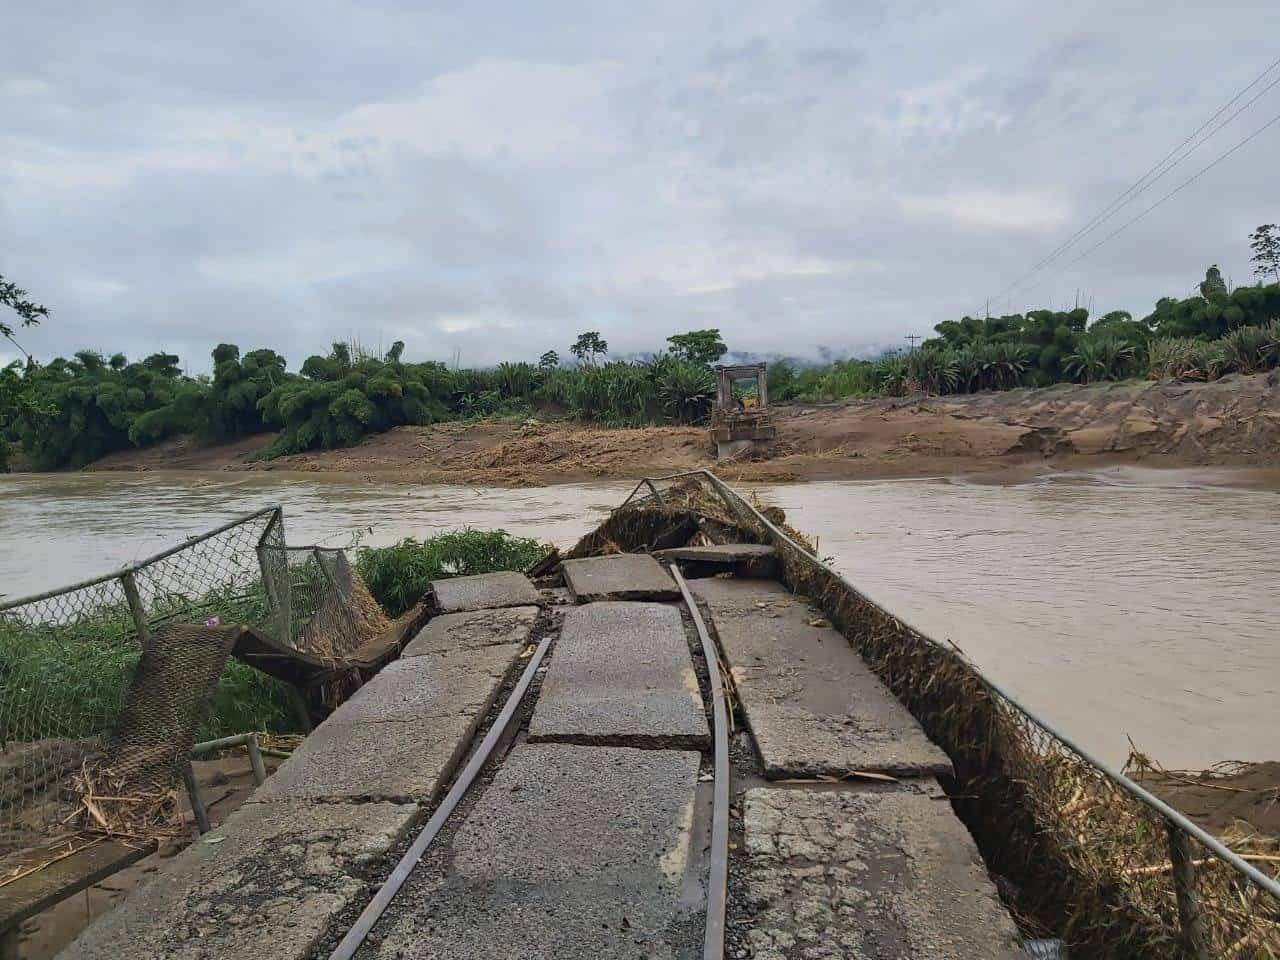 The Atalanta railway bridge in Rio Estrella, which collapsed due to debris in the swollen river.